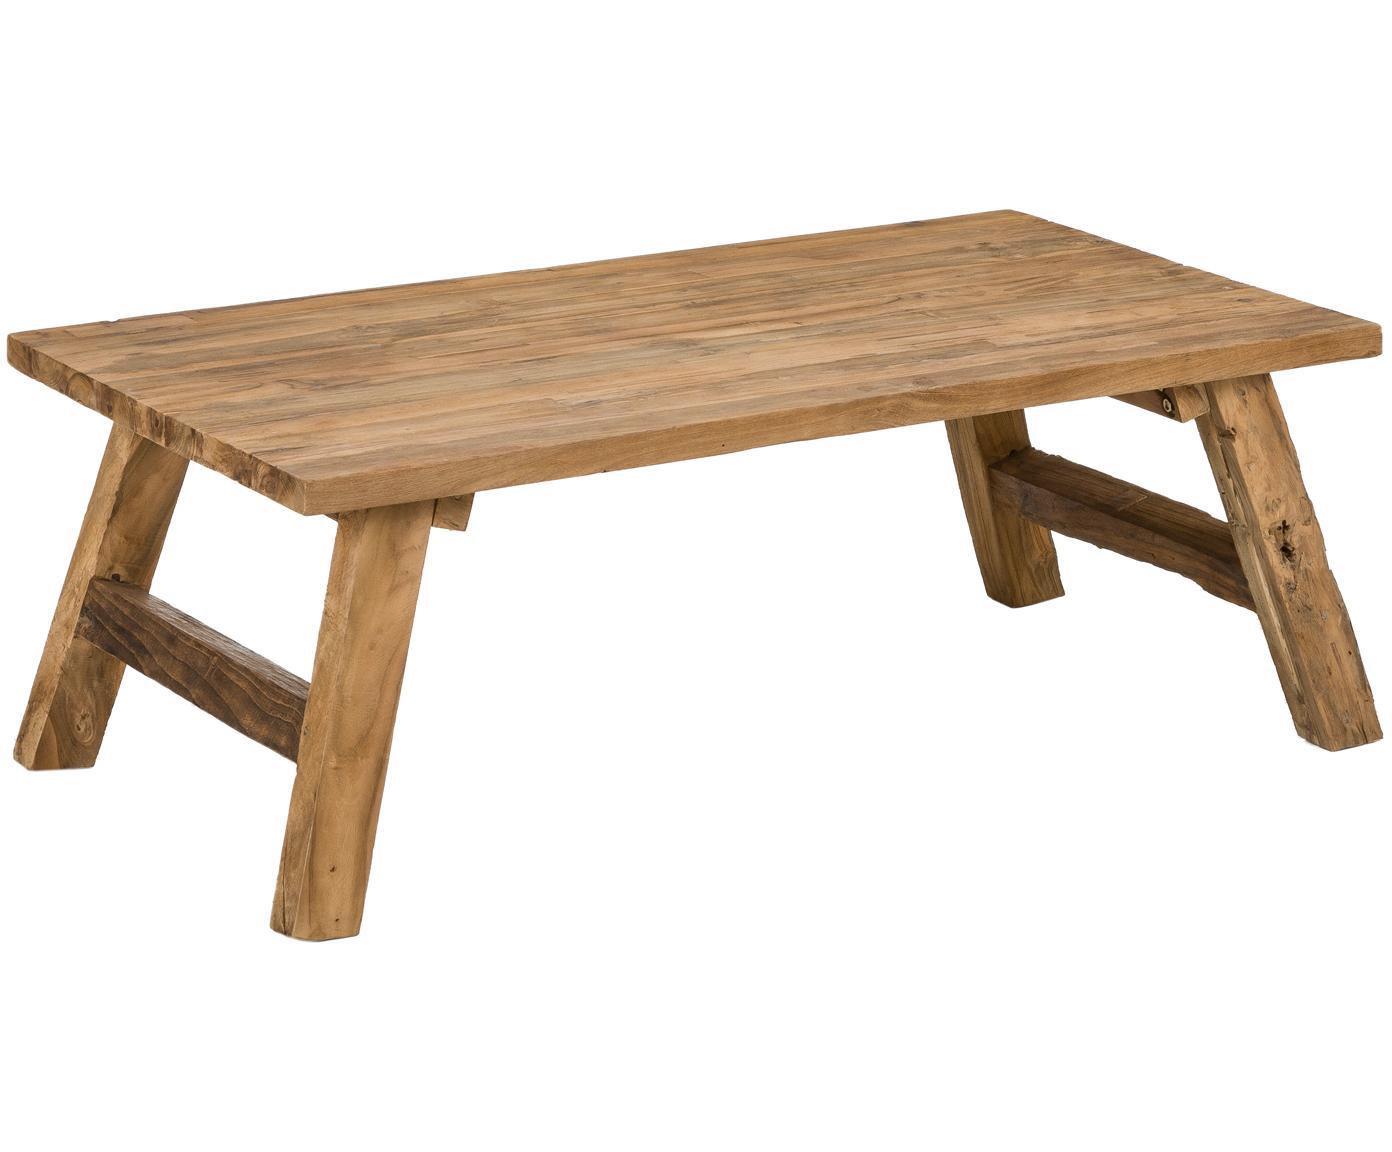 Stolik kawowy z drewna tekowego Lawas, Naturalne drewno tekowe, Drewno tekowe, S 120 x G 70 cm